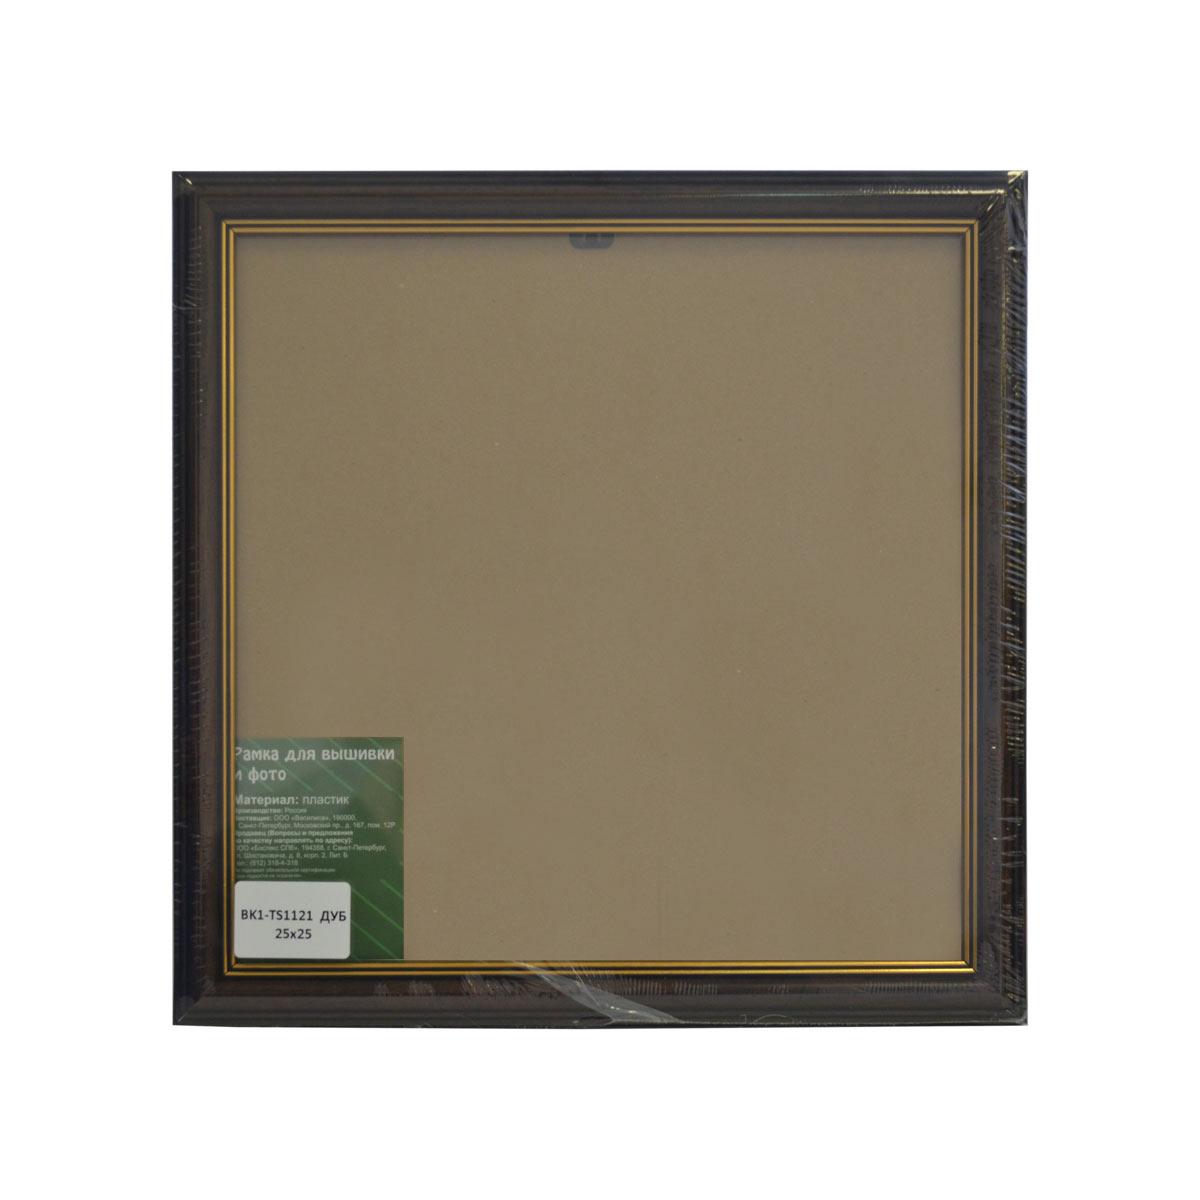 BK1 Рама со стеклом, 25х25 см (TS1121 дуб)